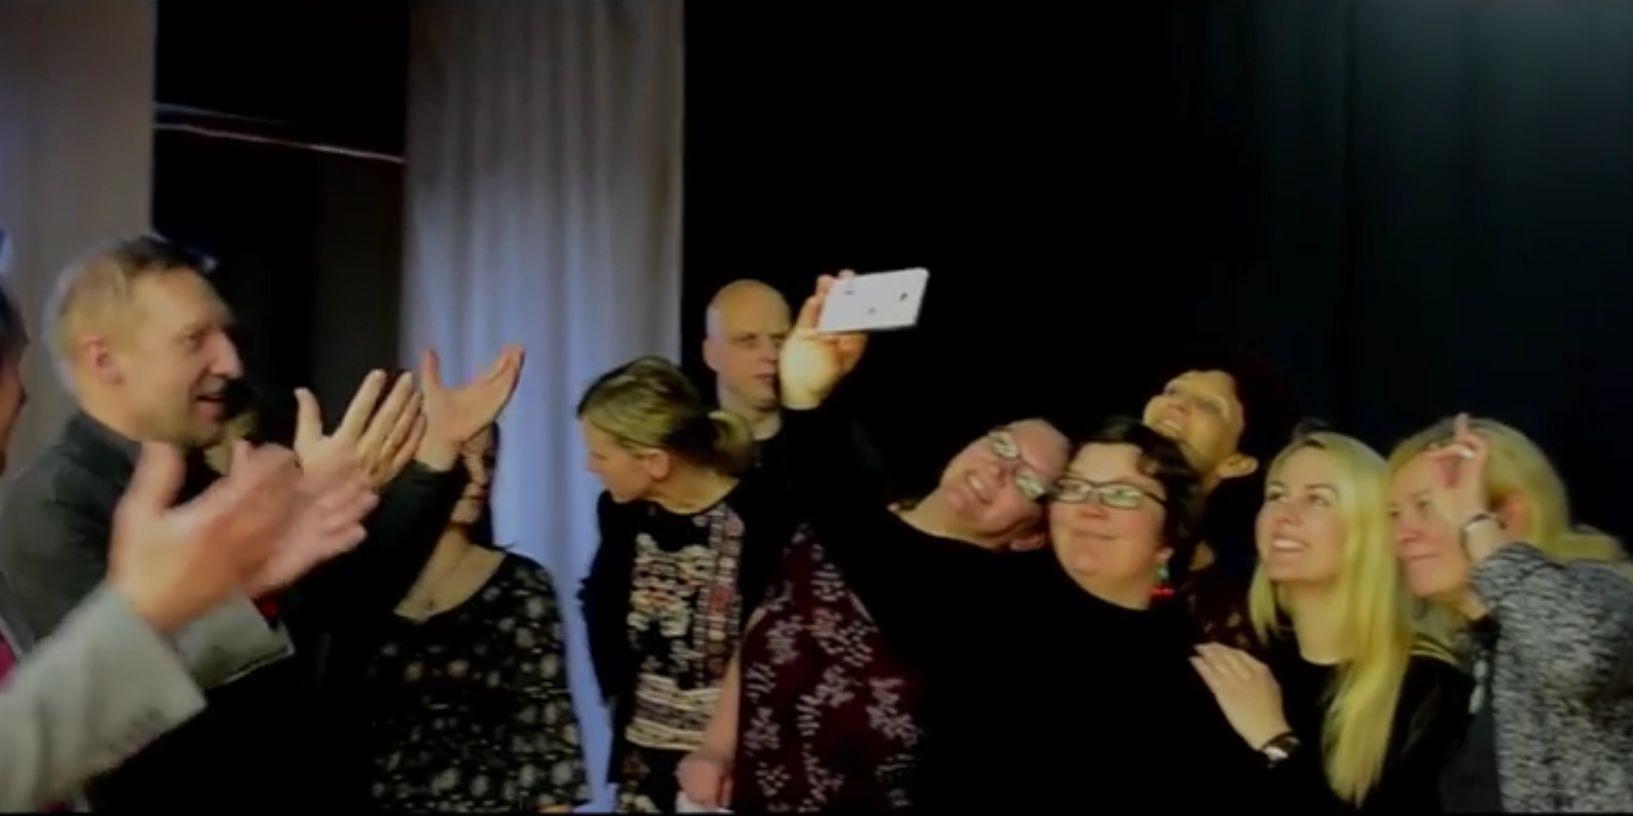 """Kuressaare gümnaasiumi õpetajad valmistasid omalt poolt täna koolis toimuvale Playbackile ehk staarijäljendusele ühe laulu ette. Nende paroodianumbriks oli aastavahetusel kõvasti kõmu tekitanud Tujurikkuja saates kõlanud """"Ei ole üksi ükski maa"""". […]"""